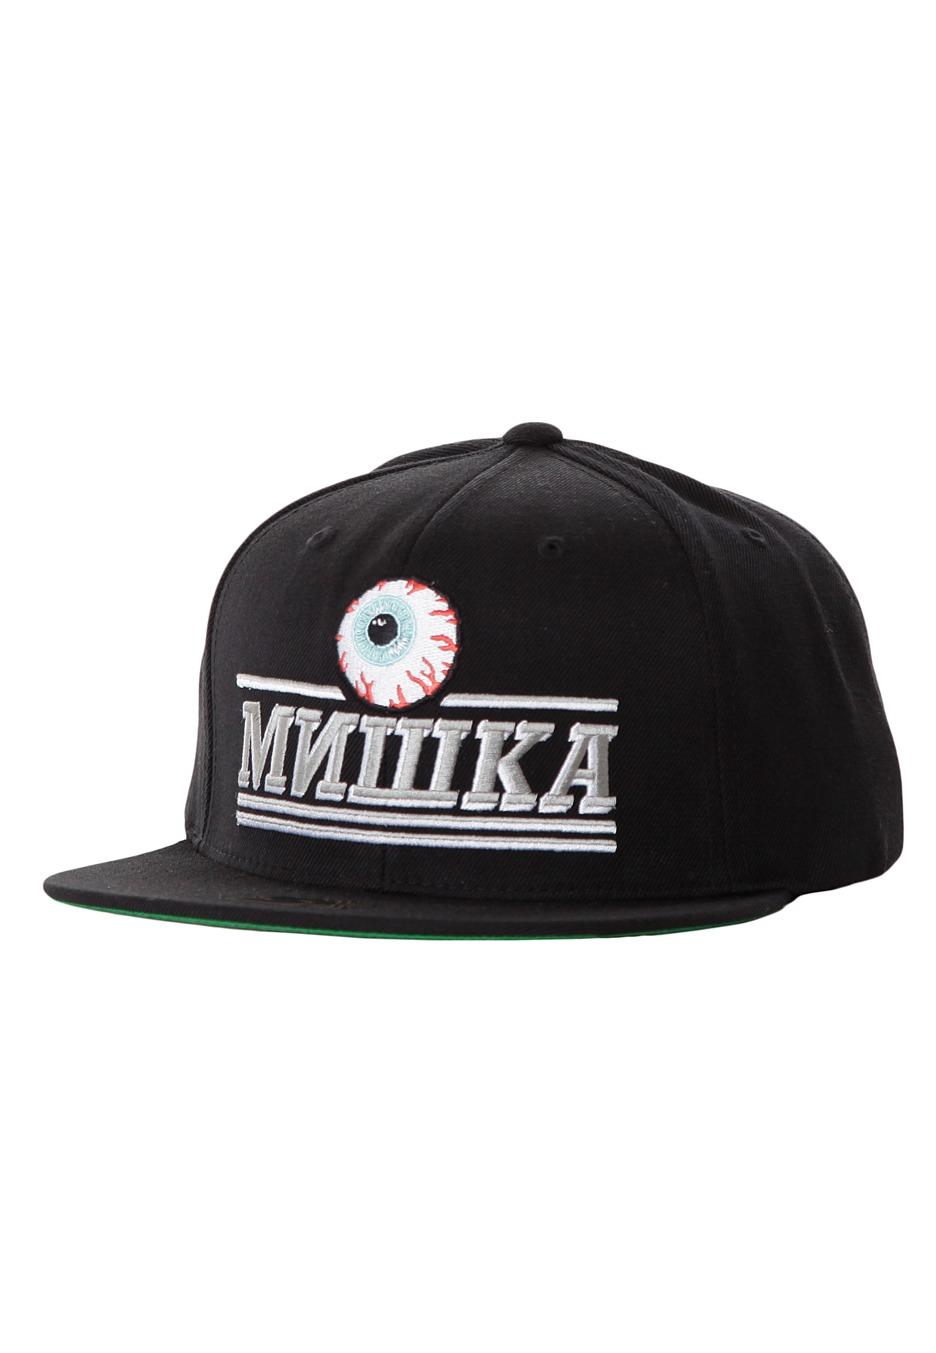 838cdd27b5b Mishka - Cyrillic Pro Starter Snapback - Cap - Streetwear Shop ...